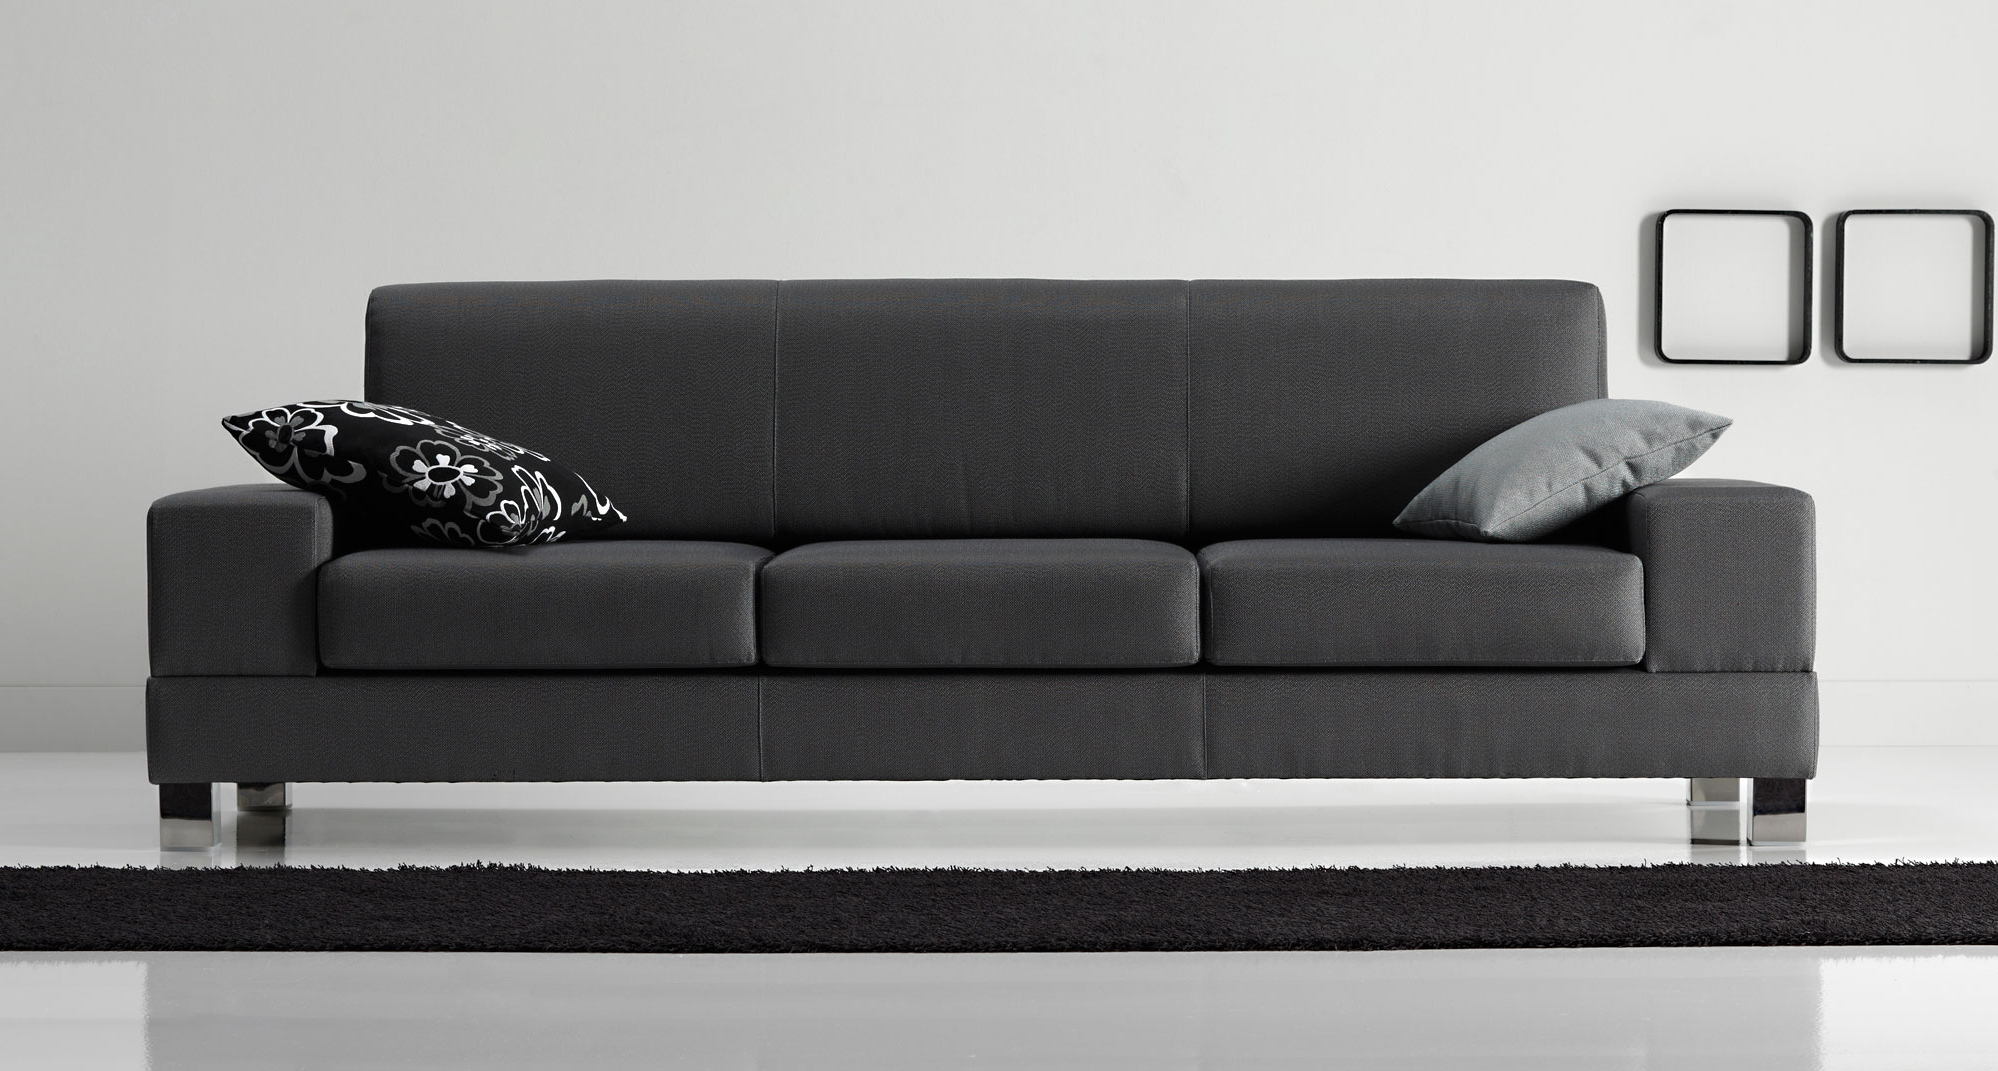 Muebles sofas Irdz sofà Moderno Exavu En Portobellostreet